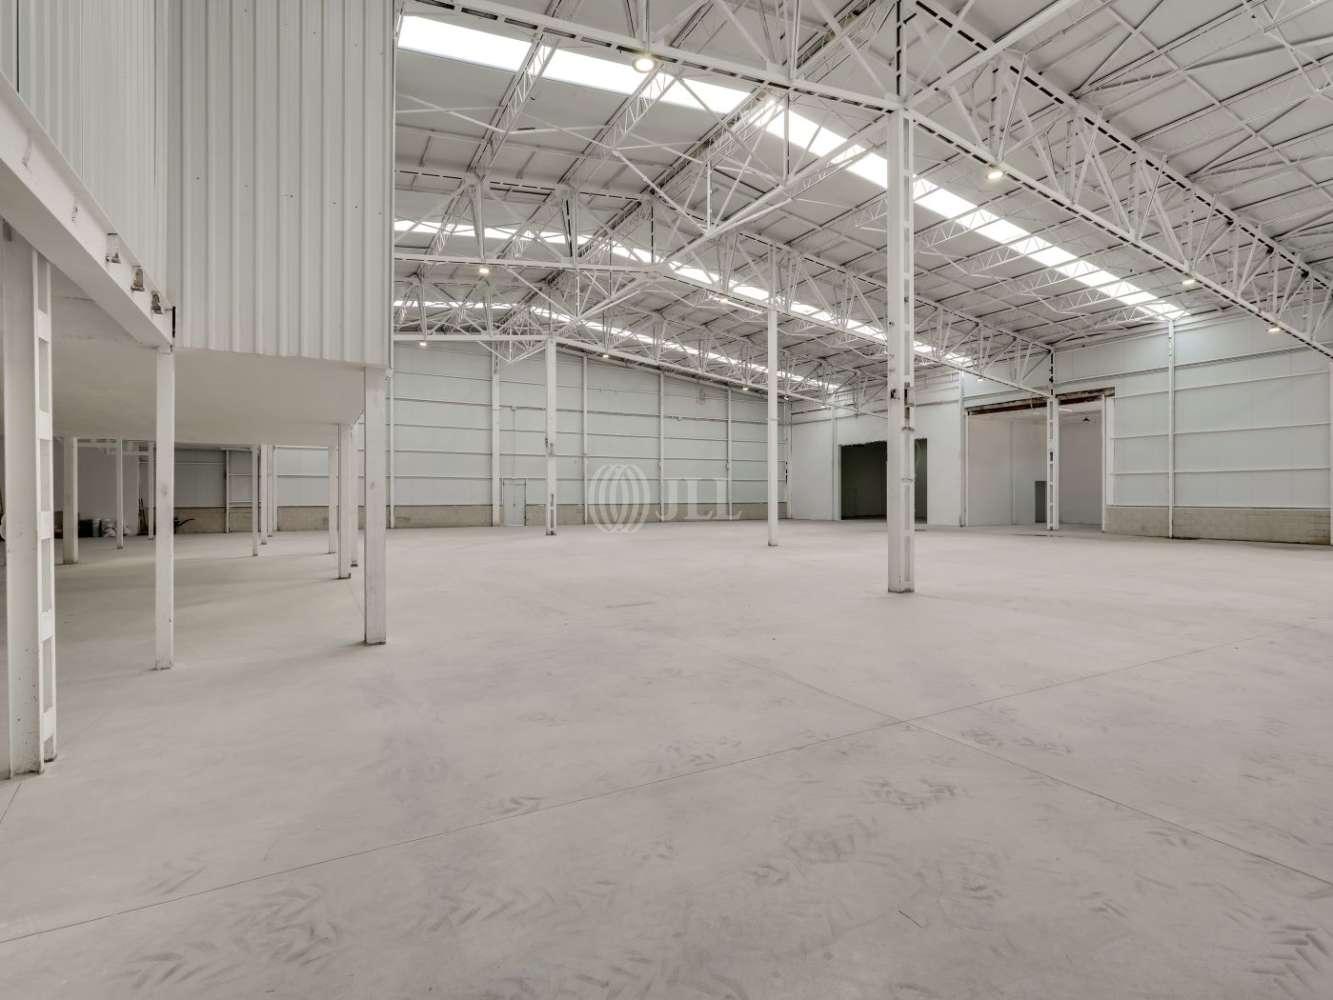 Naves industriales y logísticas Alcorcón, 28923 - Nave Industrial - M0173 - P.I. URTINSA 2 - 22526